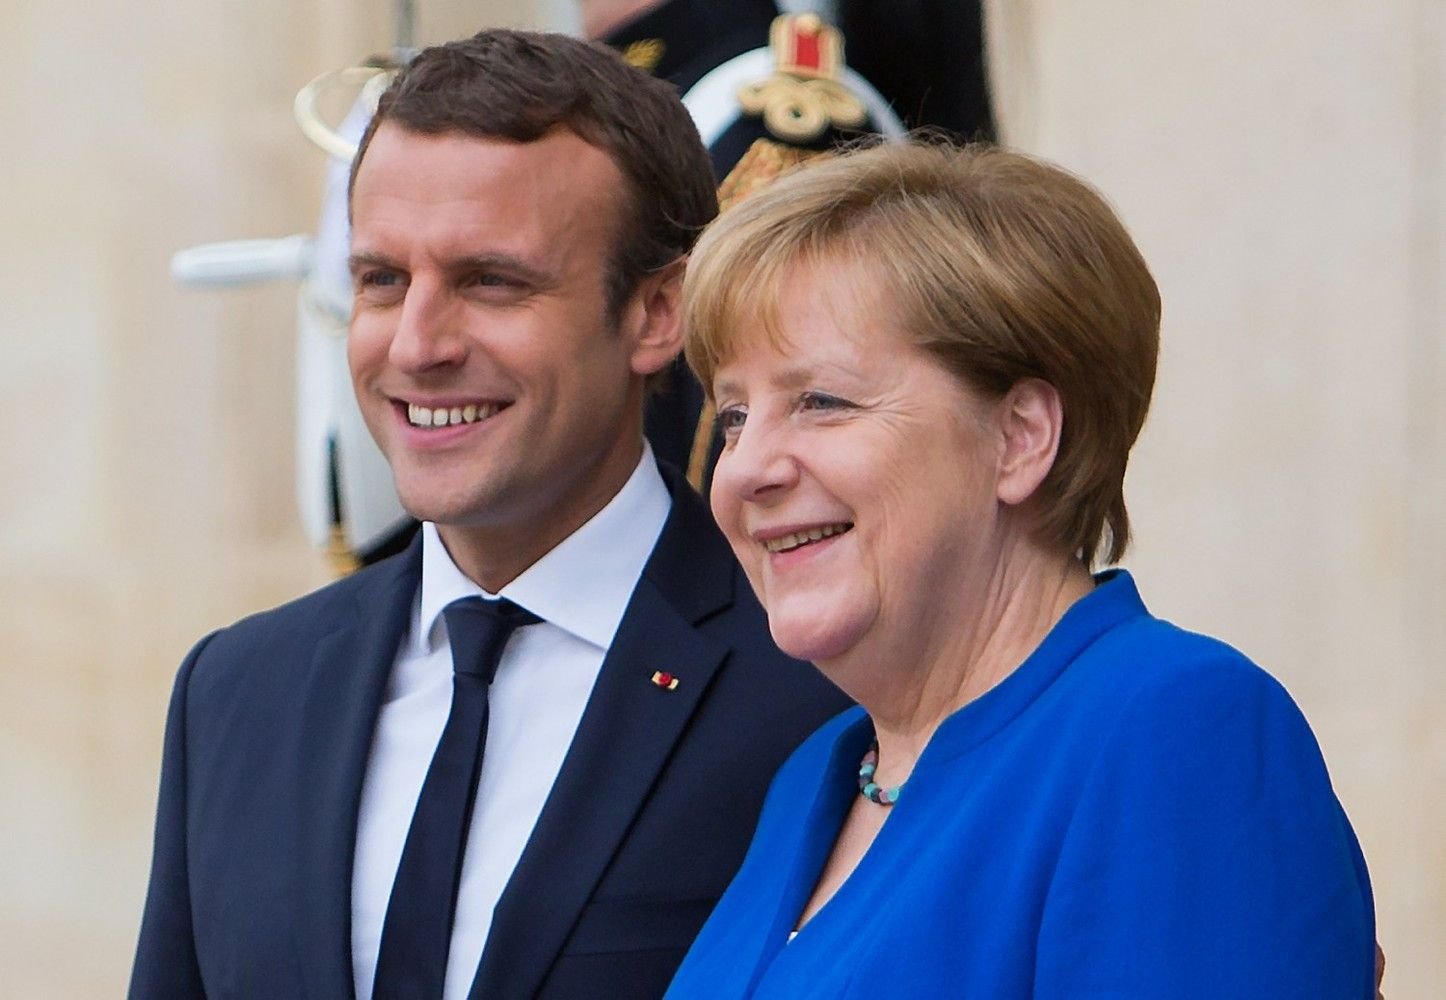 ES lyderiai Paryžiuje tariasi, kaip spręsti migrantų problemą